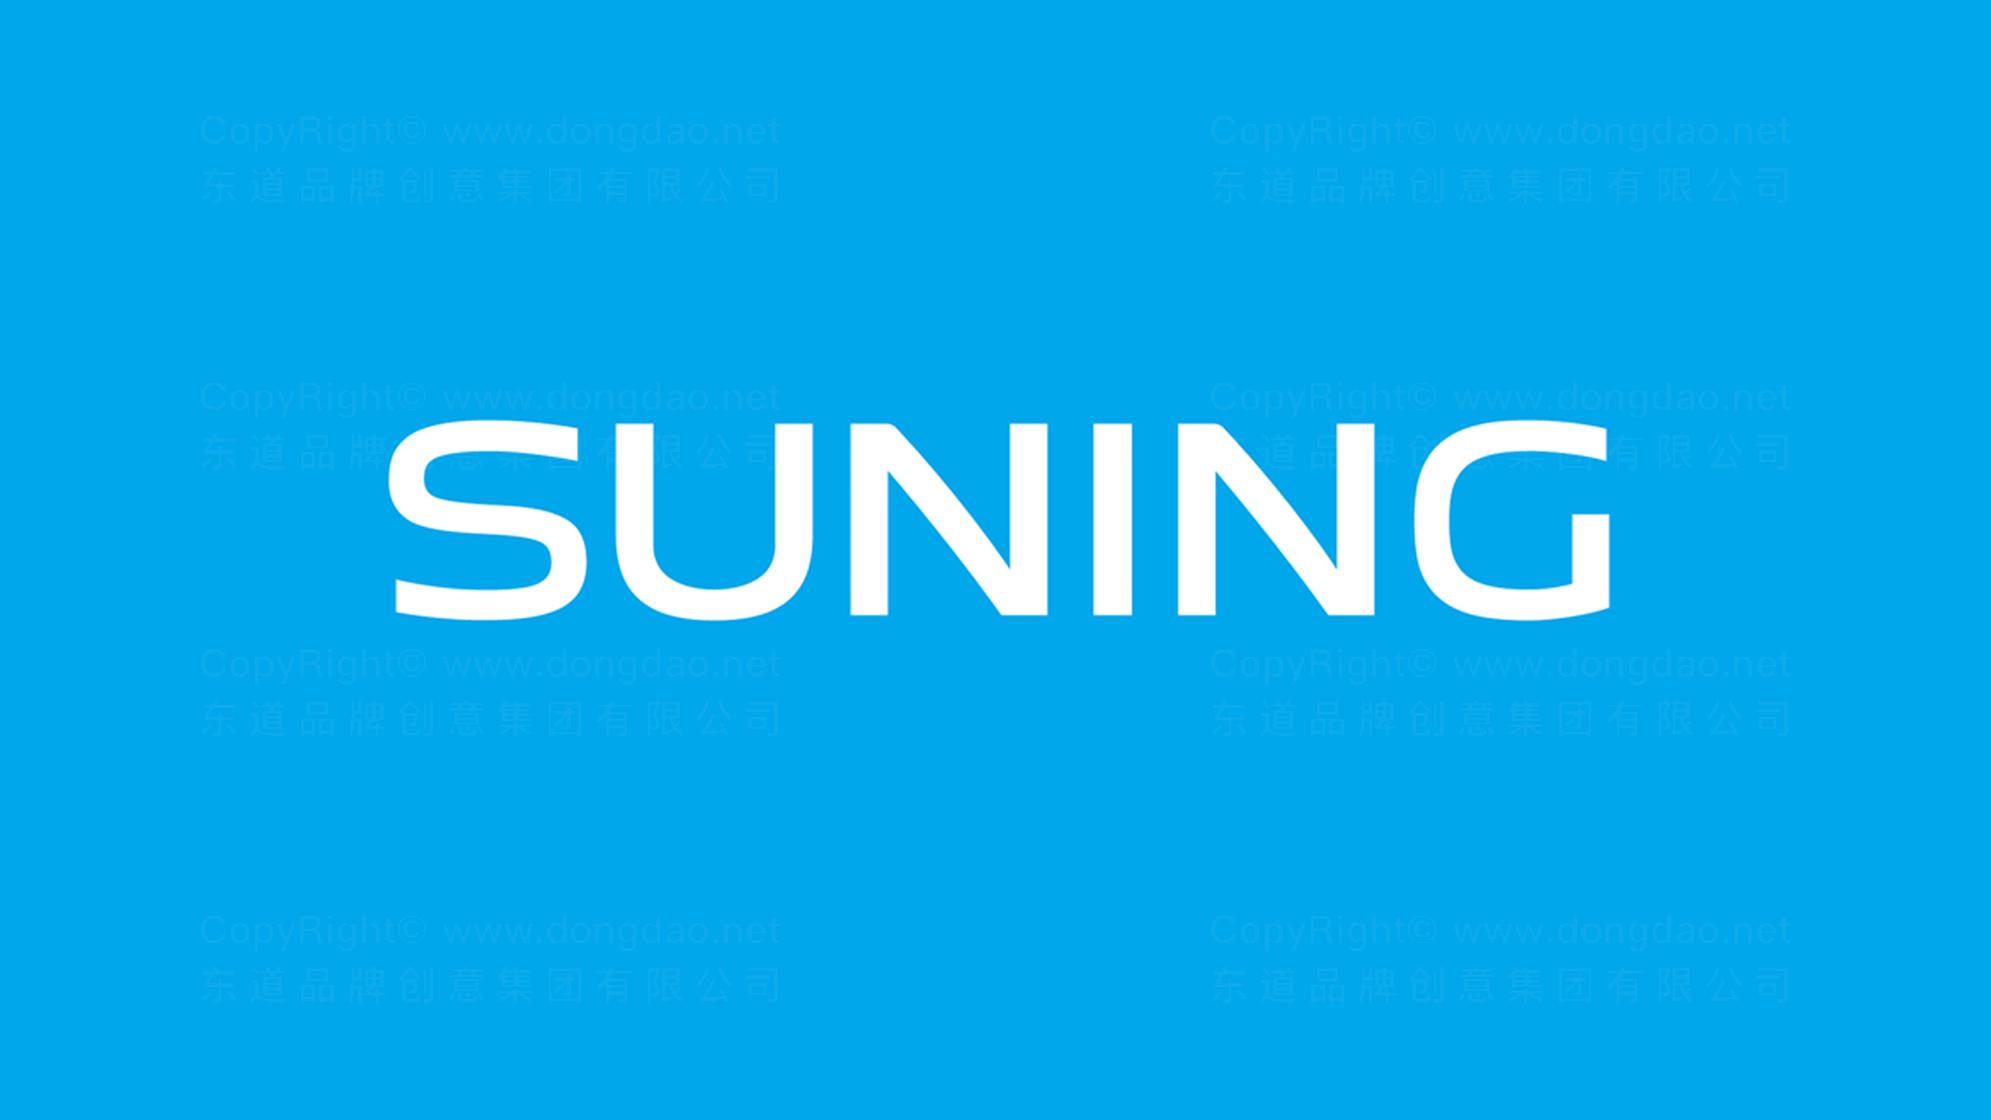 苏宁logo设计、vi设计